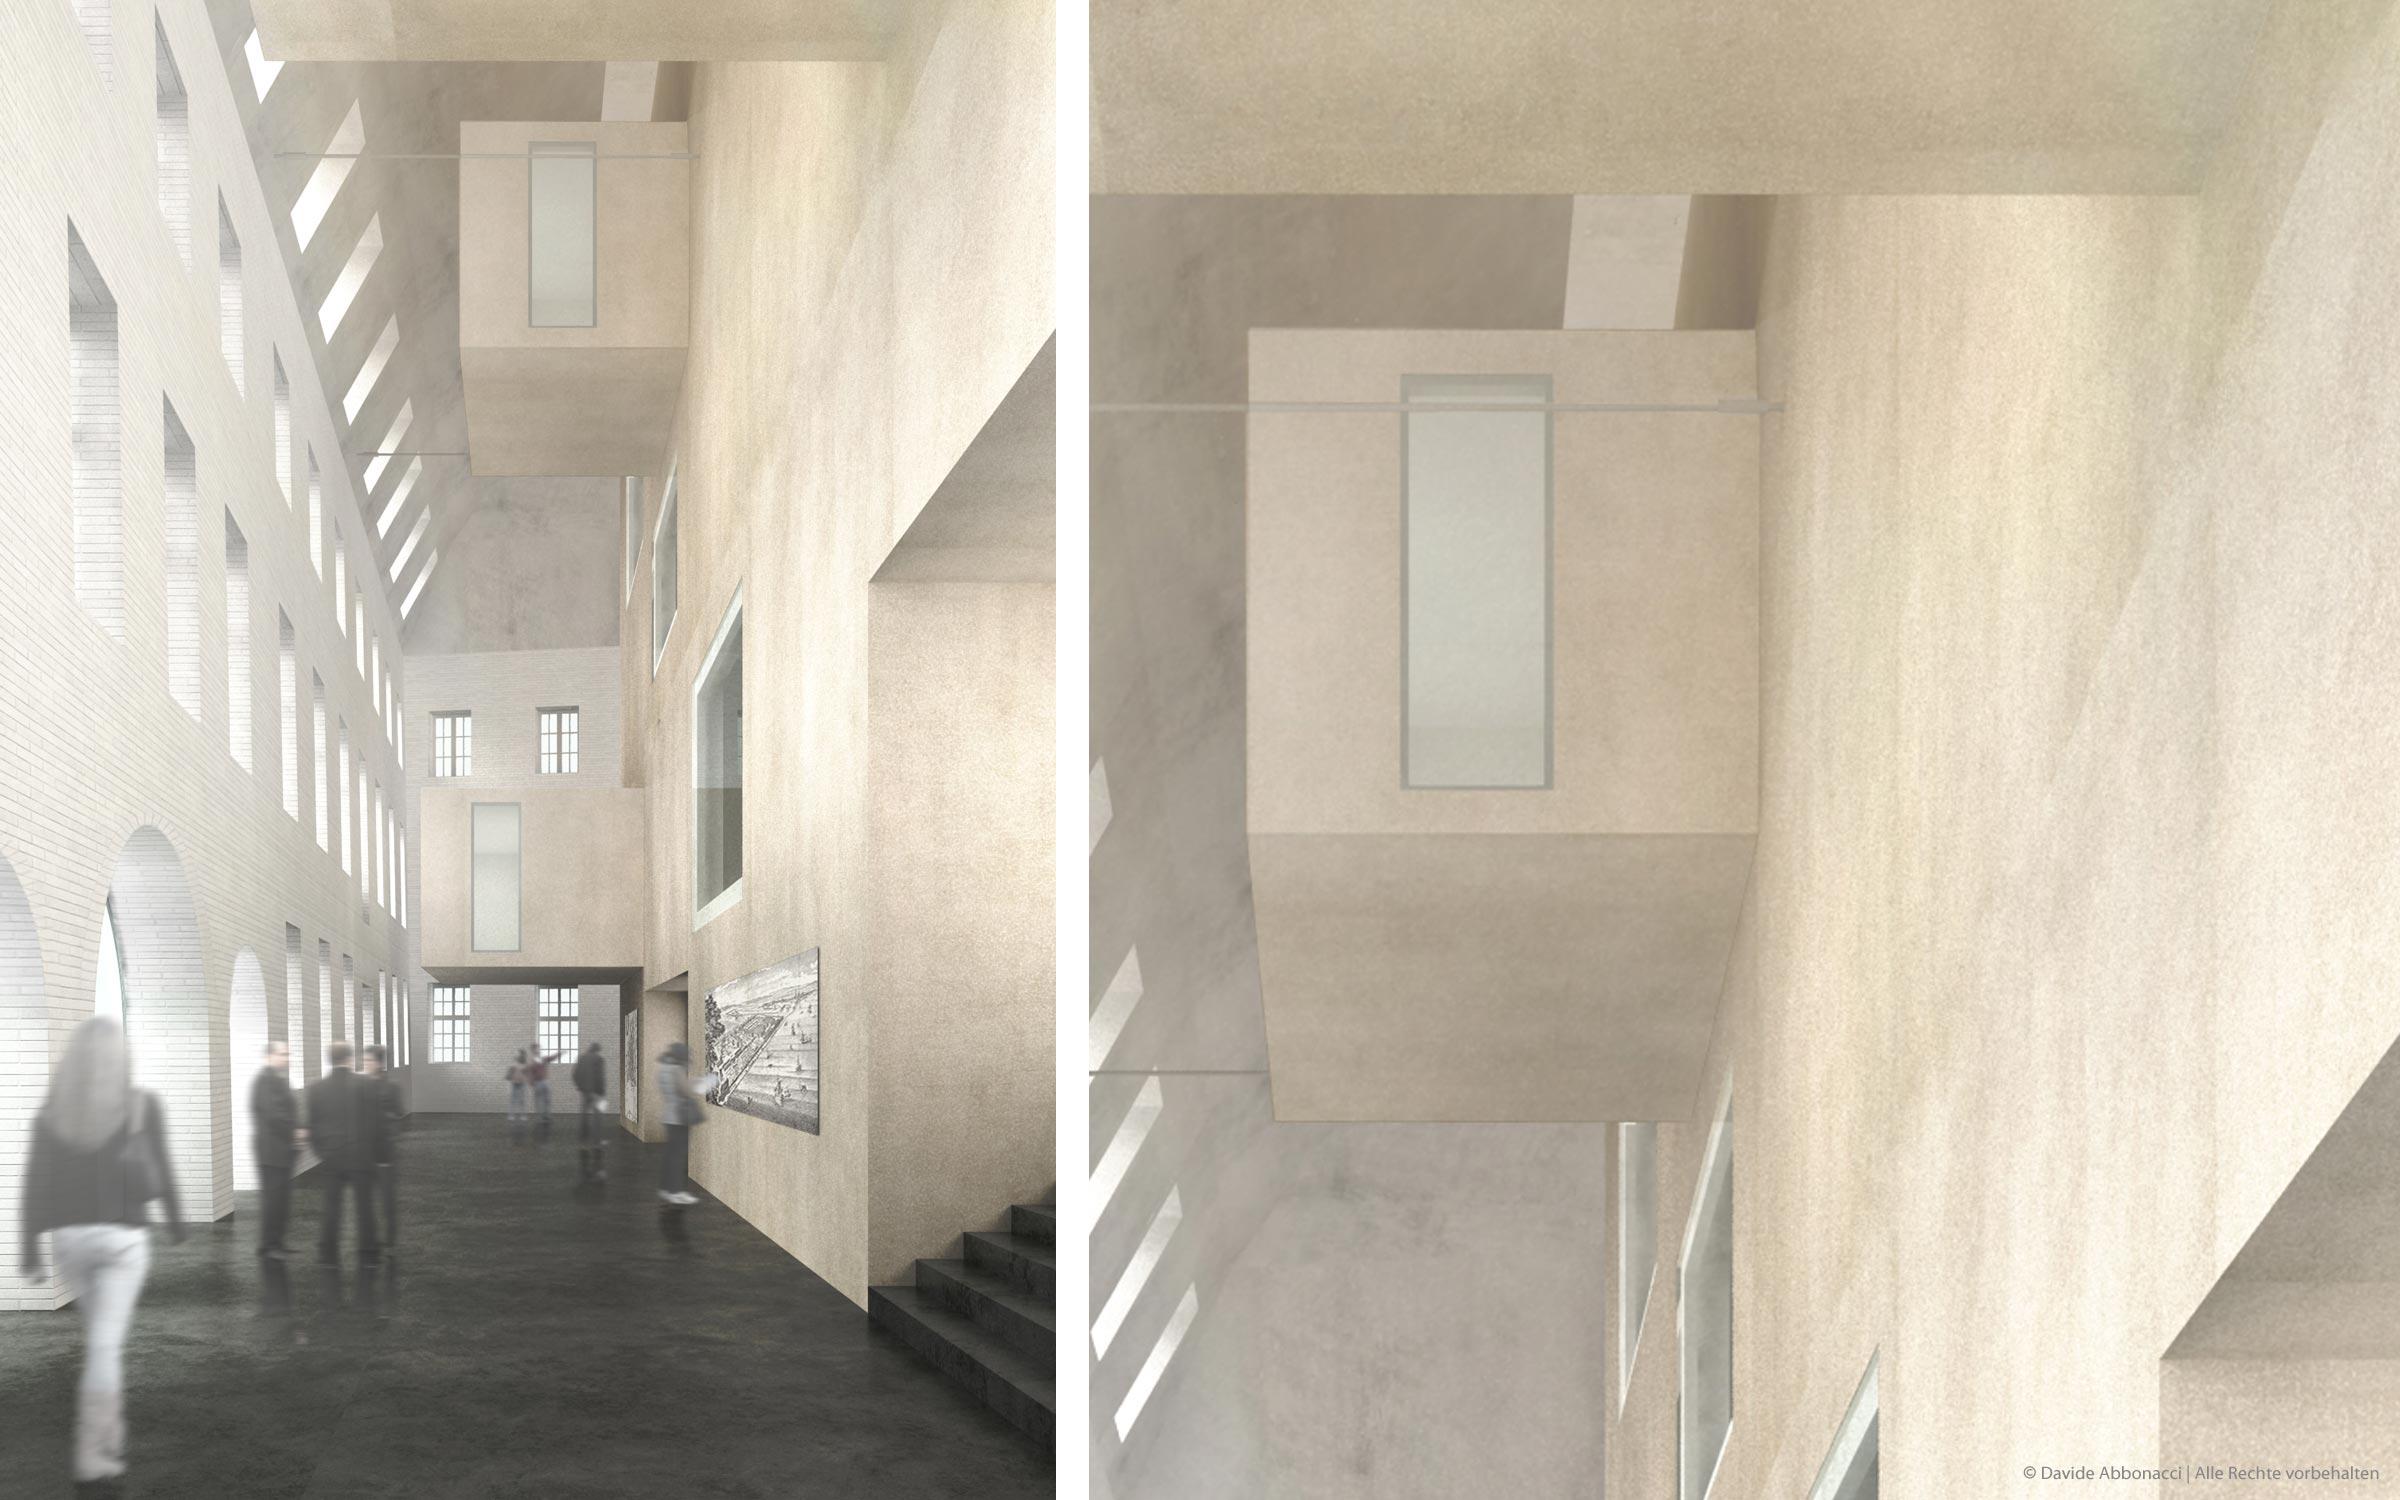 Eltzer Hof, Mainz | Bruno Fioretti Marquez Architekten | 2008 Wettbewerbsvisualisierung